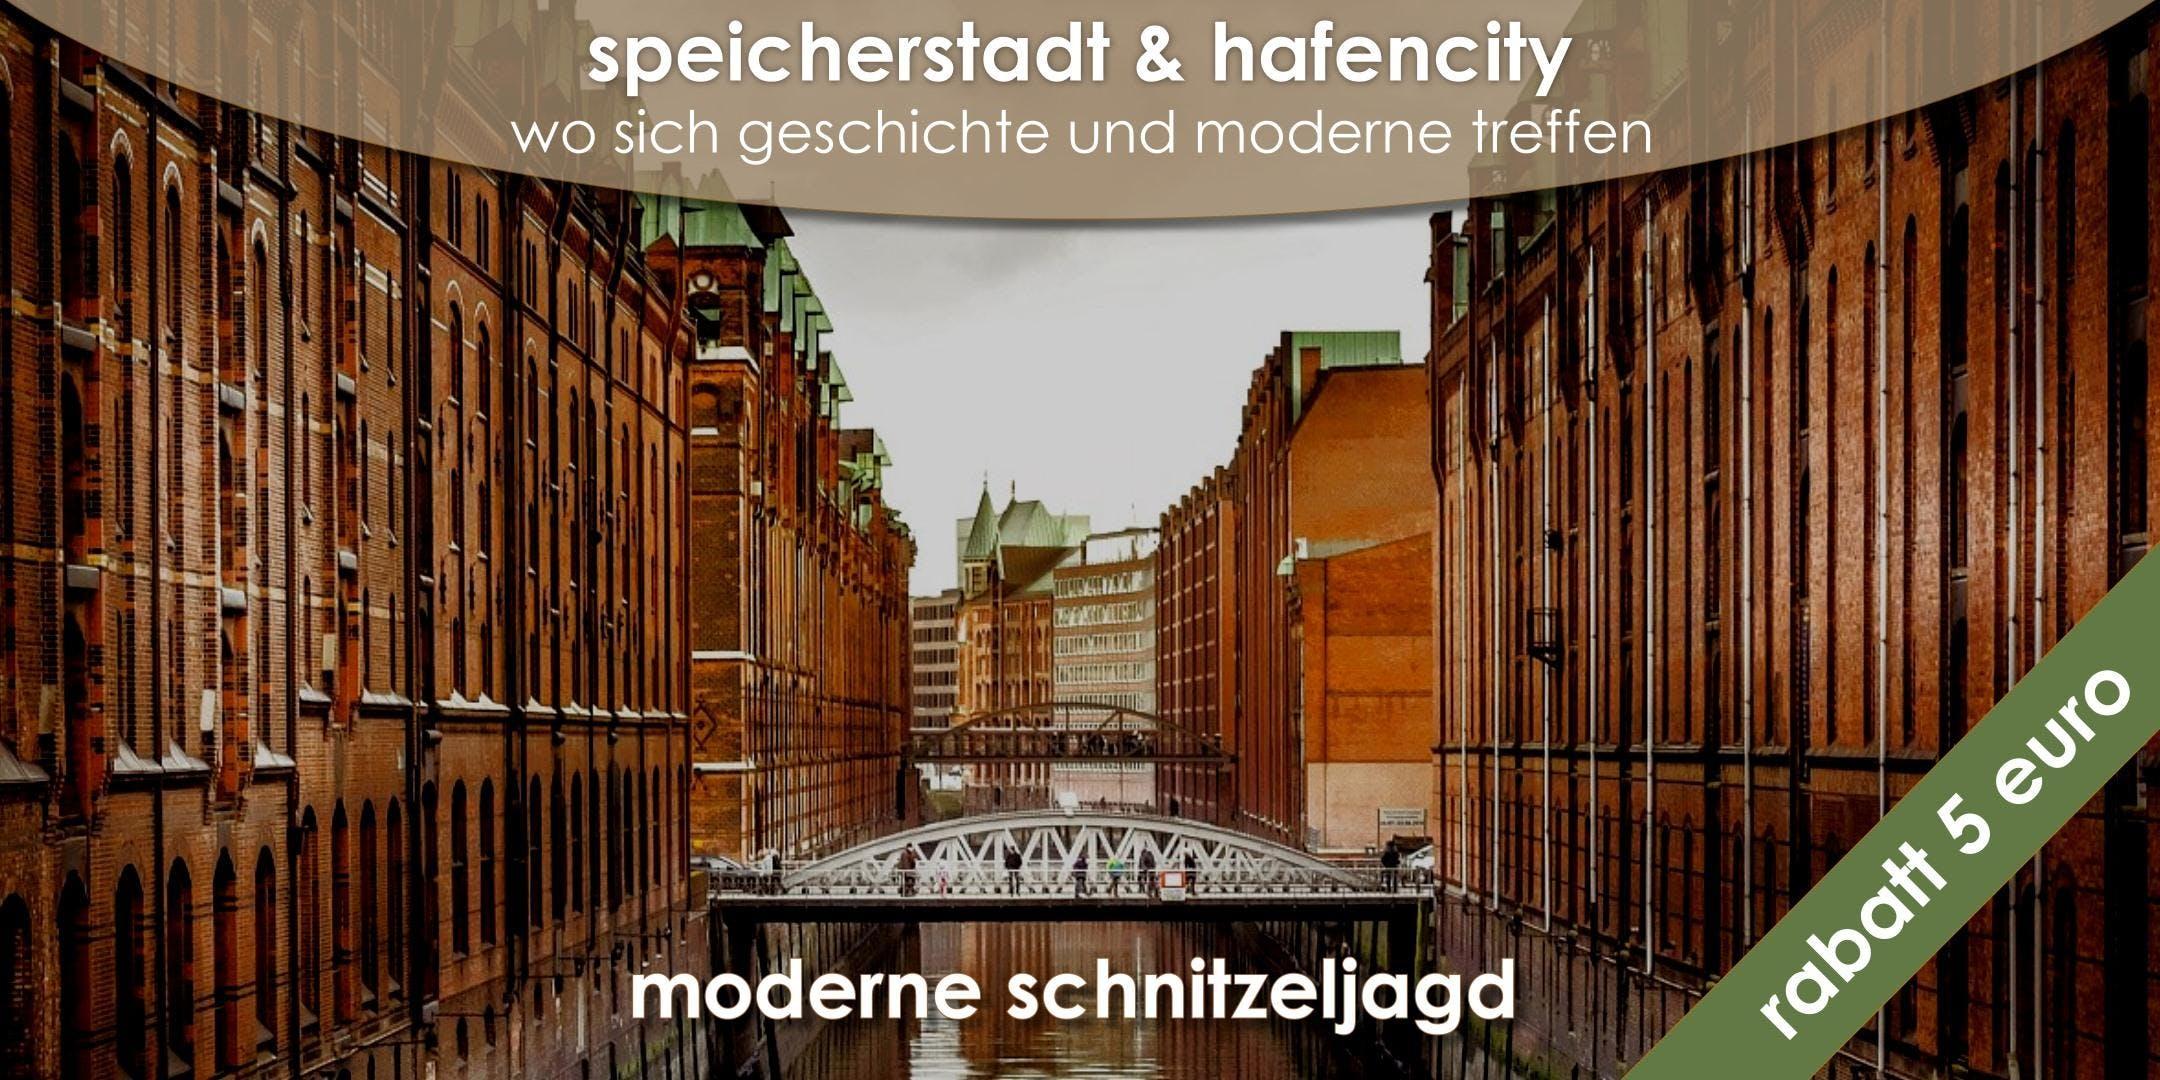 Speicherstadt & Hafencity - Hamburg bei einer Schnitzeljagd erkunden